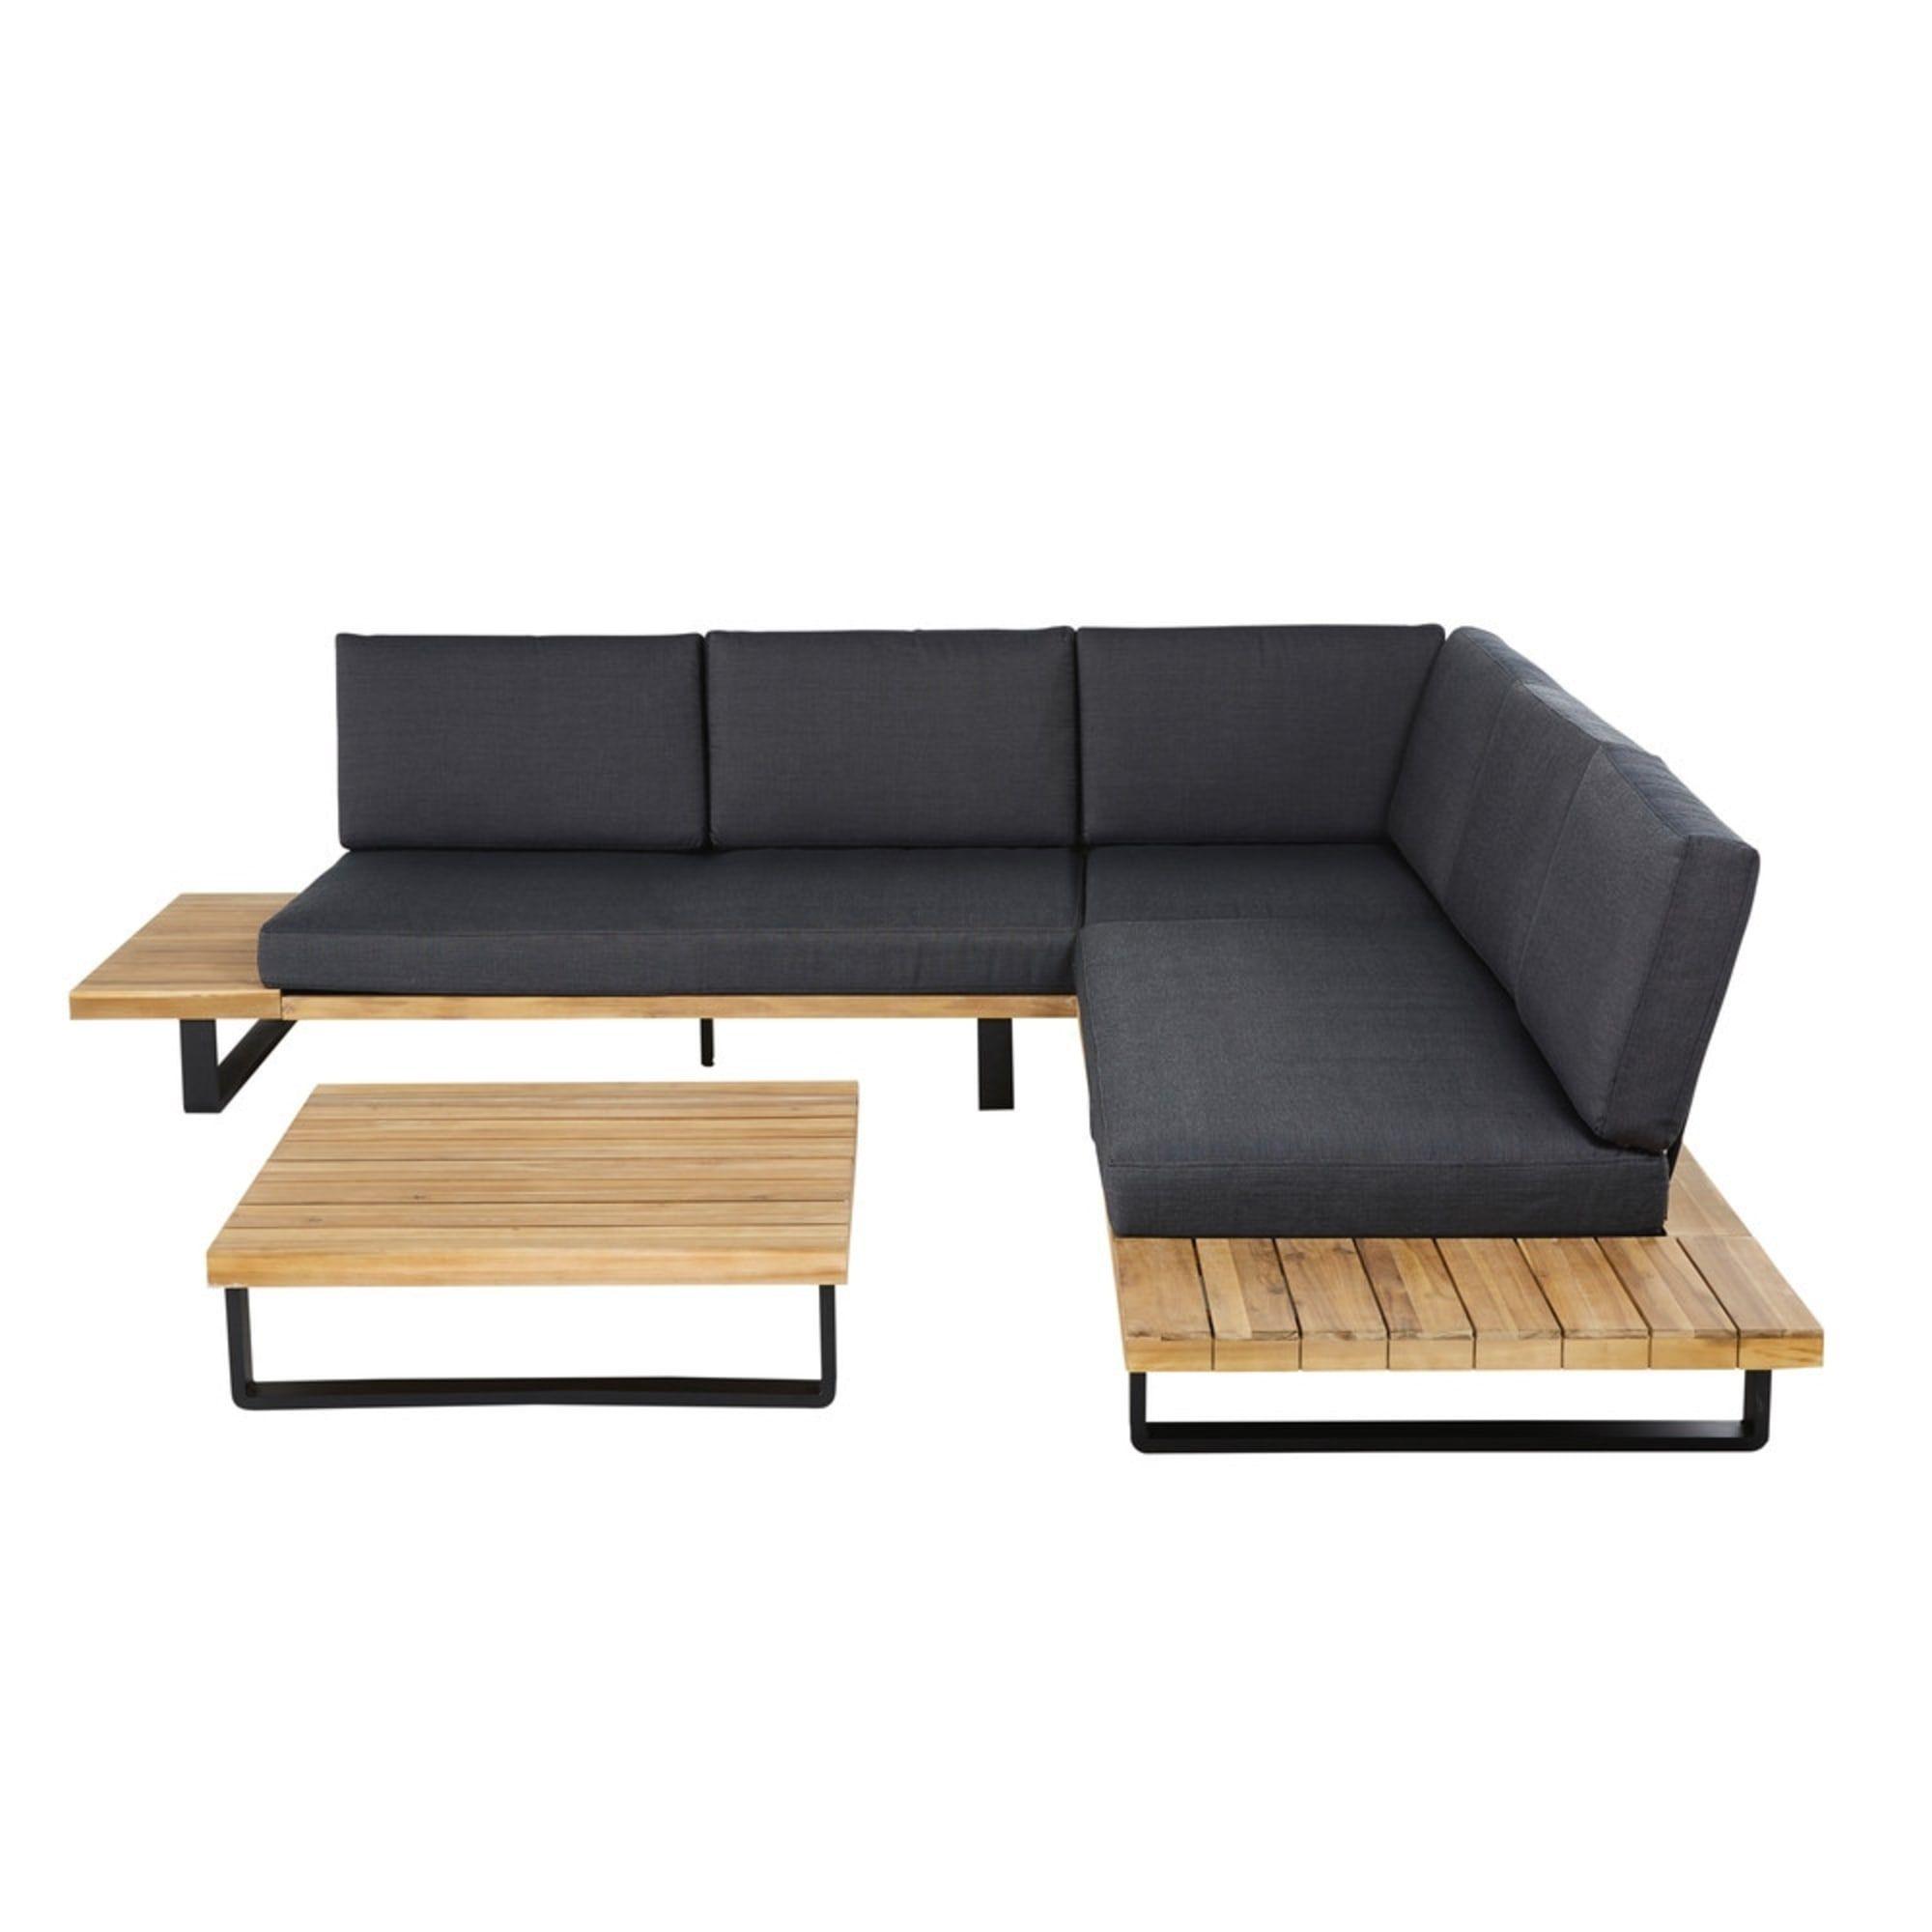 Salon De Jardin 4 5 Places En Aluminium Et Acacia Massif Bahamas Maisons Du Monde Gartenlounge Holz Lounge Mobel Terasse Outdoor Sofa